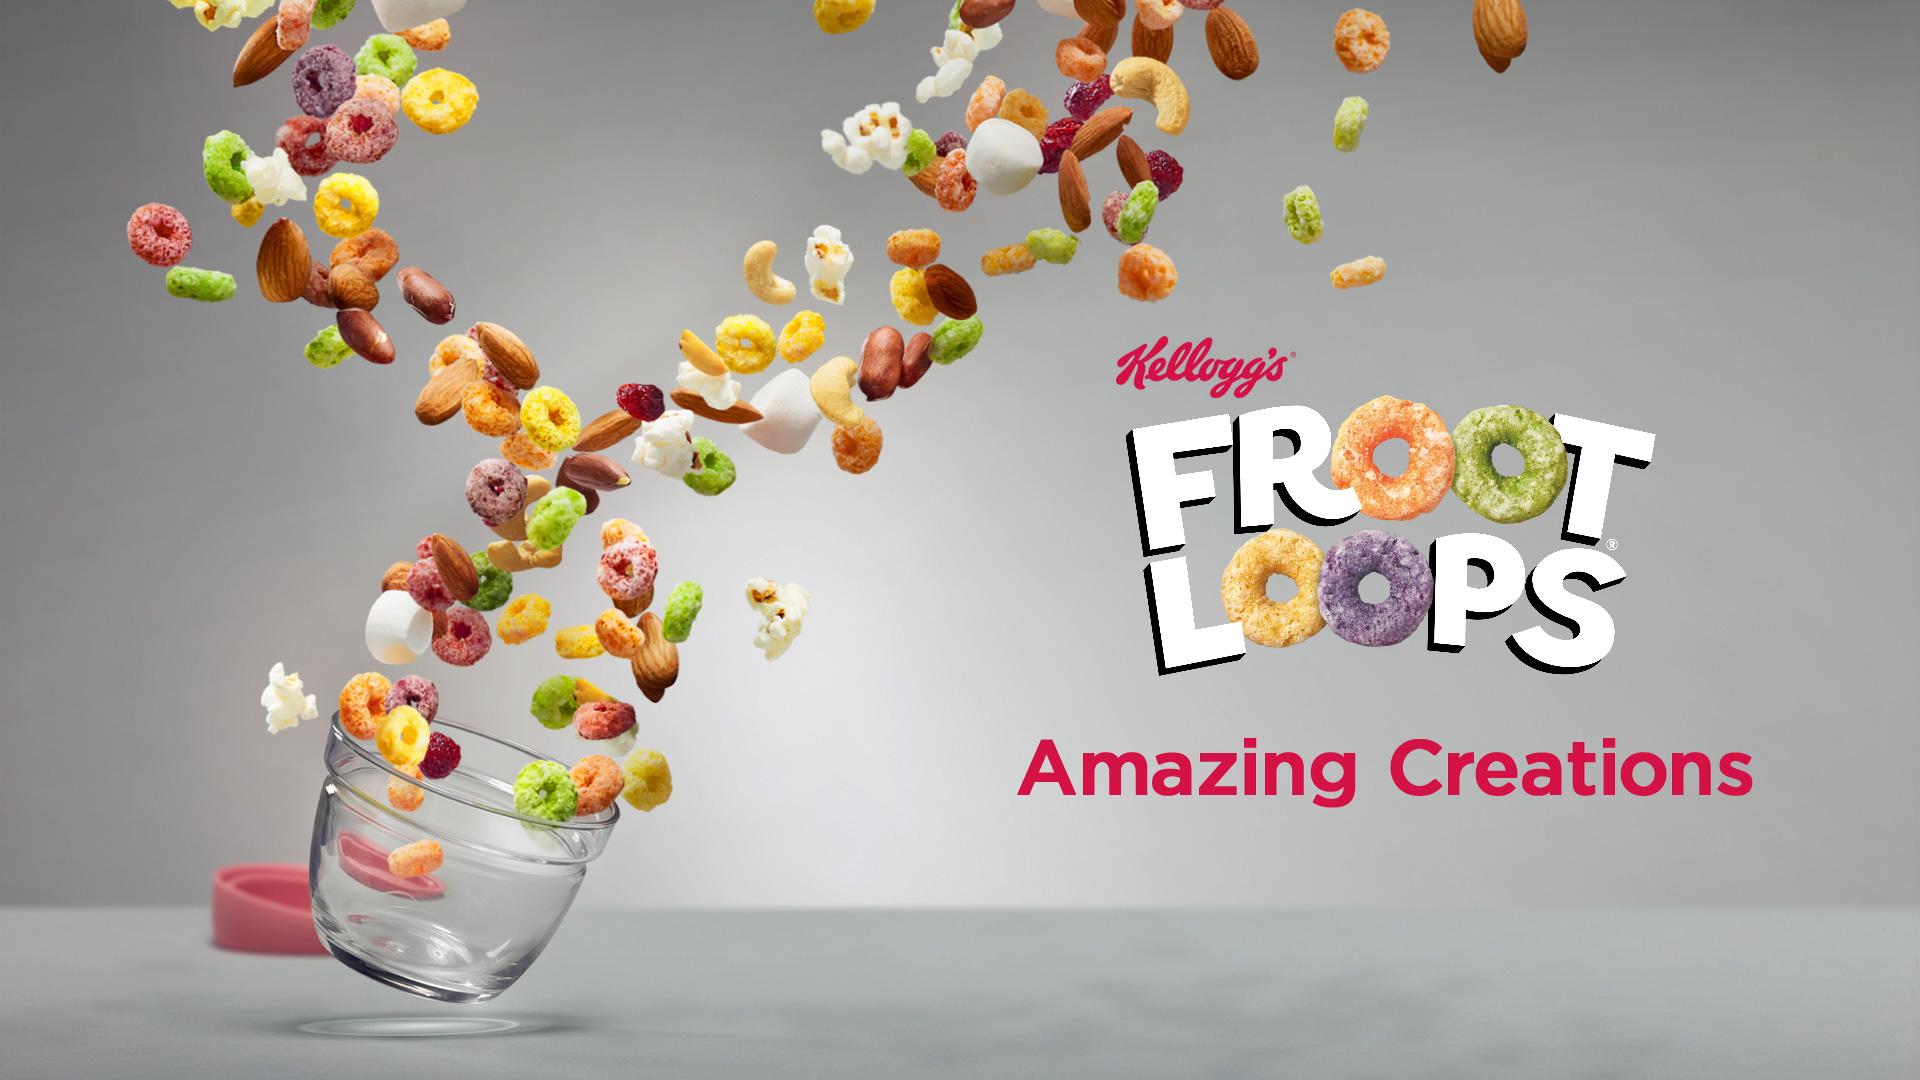 Kelloggs Fruit Loops